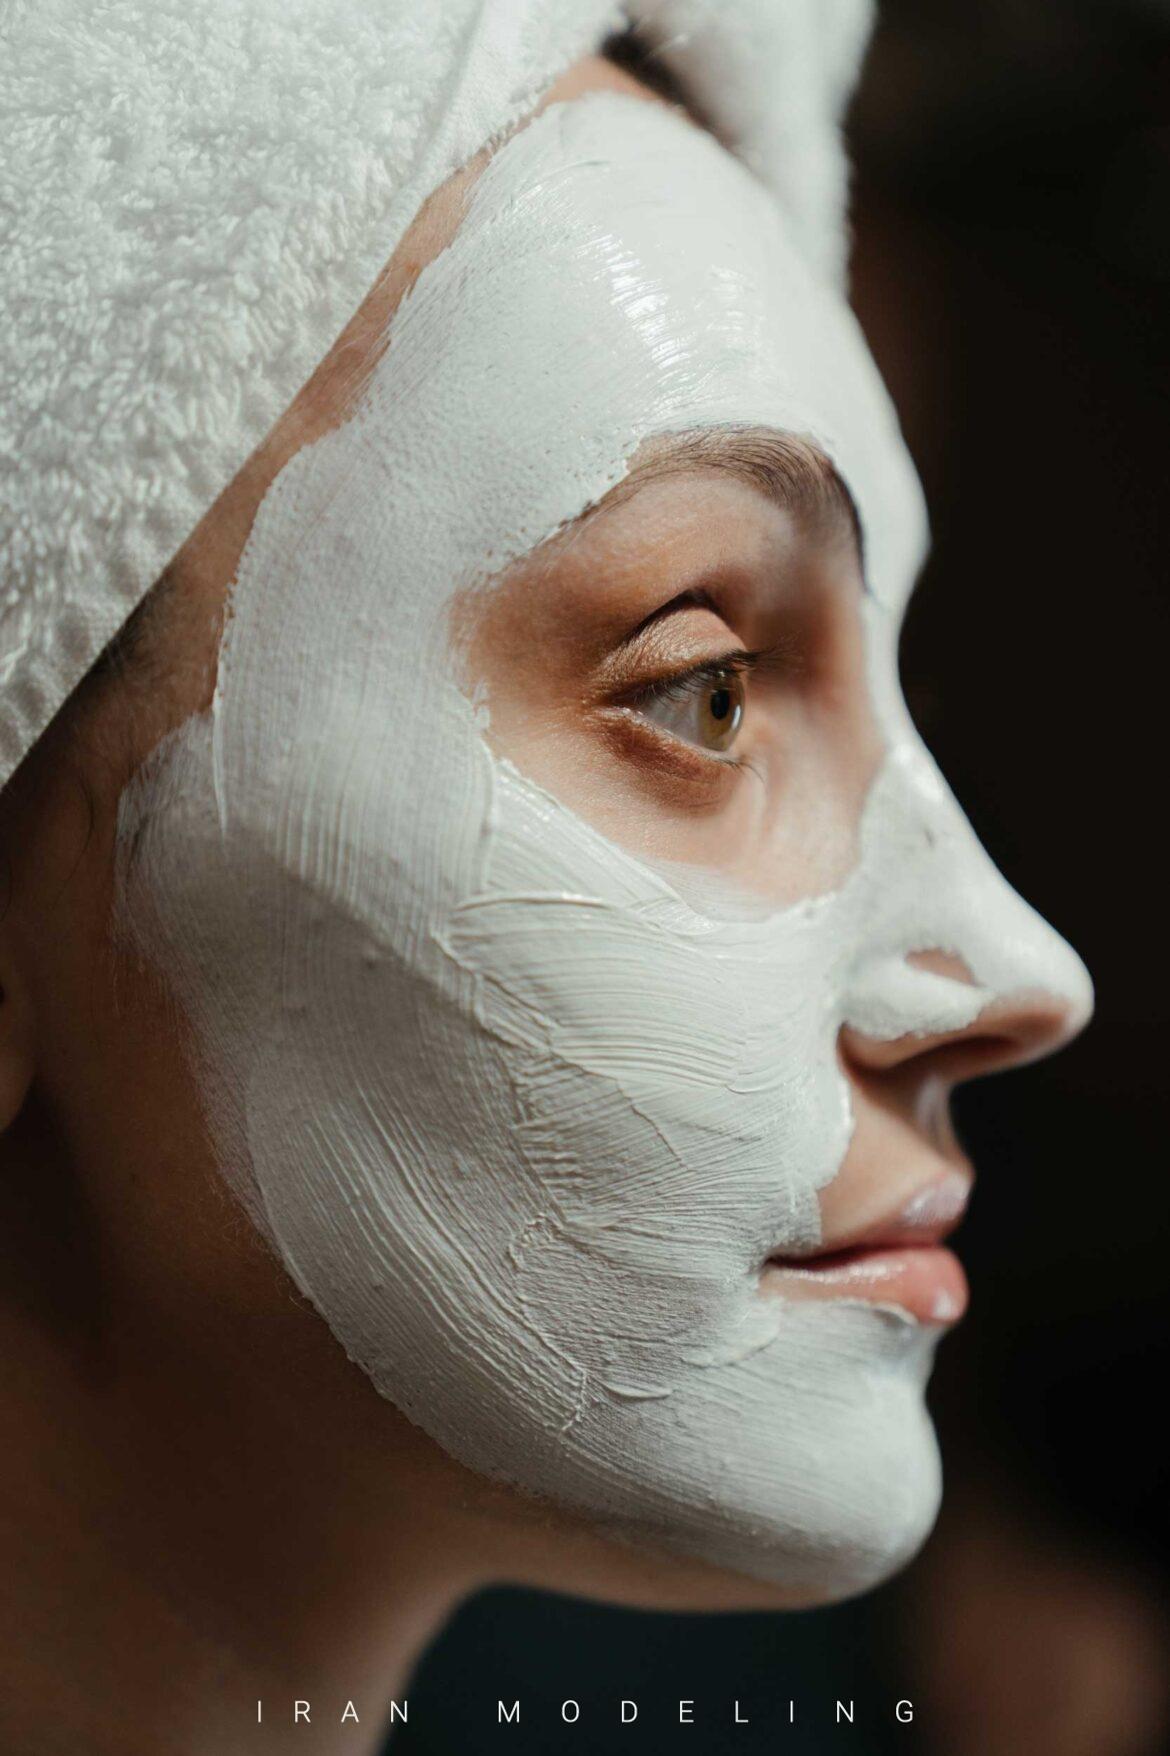 12 ماسک روشن کننده پوست صورت که باید آنها را استفاده کنید